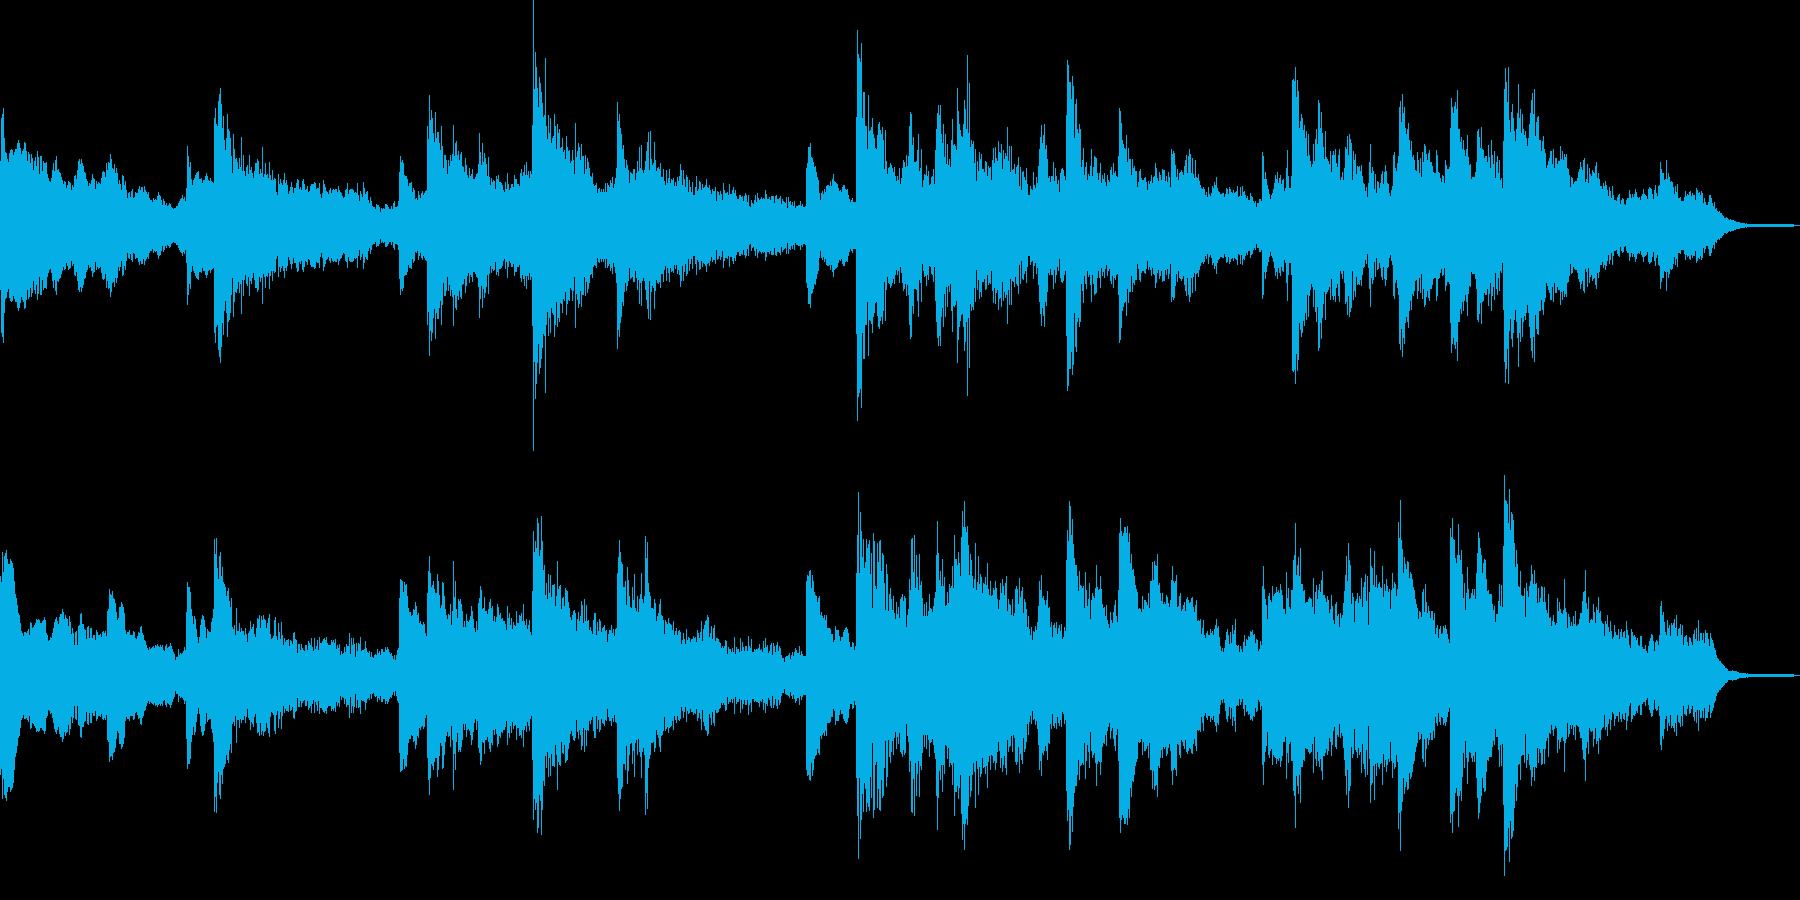 暗く切ない雰囲気のピアノジングルの再生済みの波形